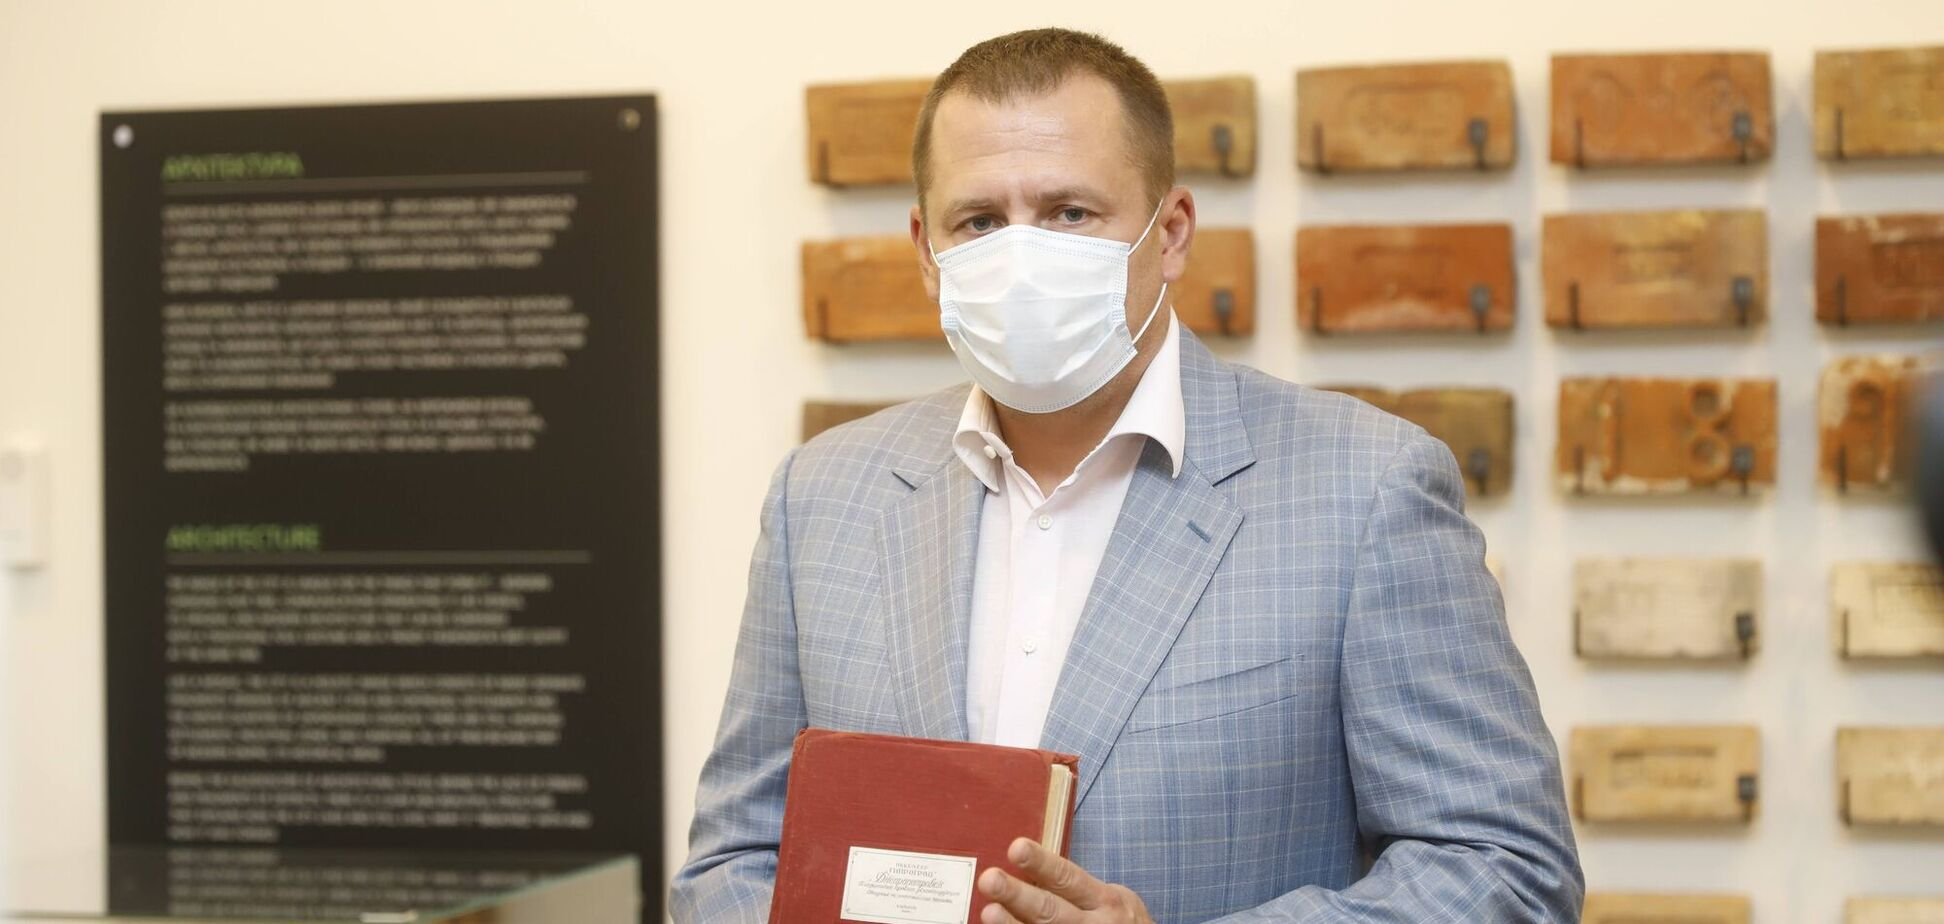 Філатов передав музею Дніпра унікальний генплан міста 1940-го року, який раніше вважали втраченим